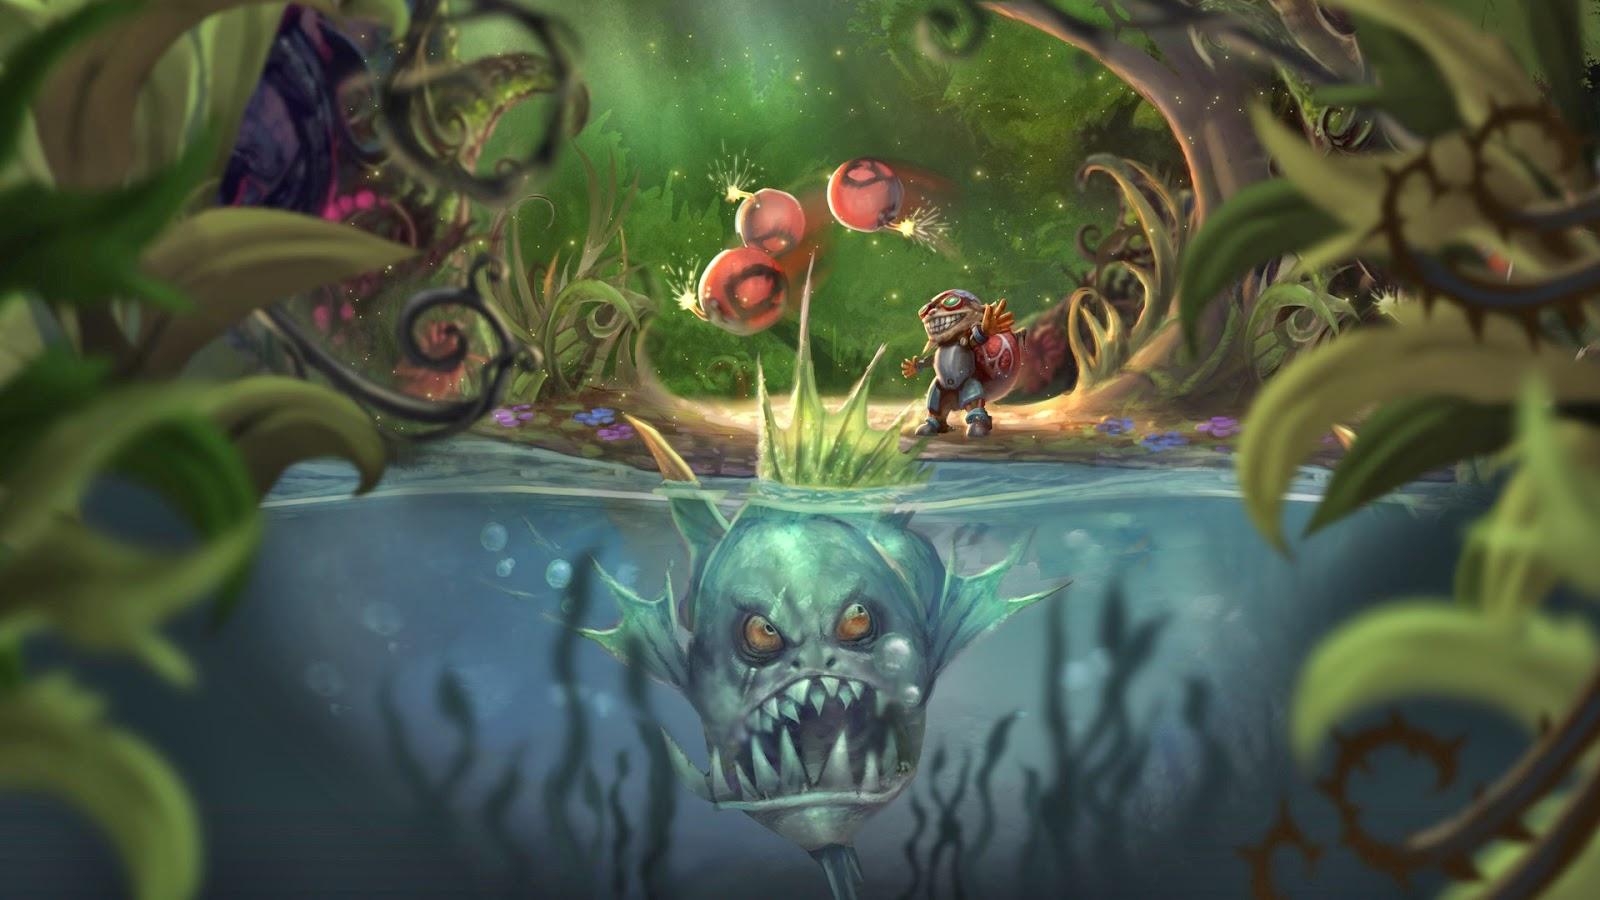 Volibear League Of Legends Wallpaper Volibear Desktop League Of Legends Belt Hd Wallpaper Backgrounds Download